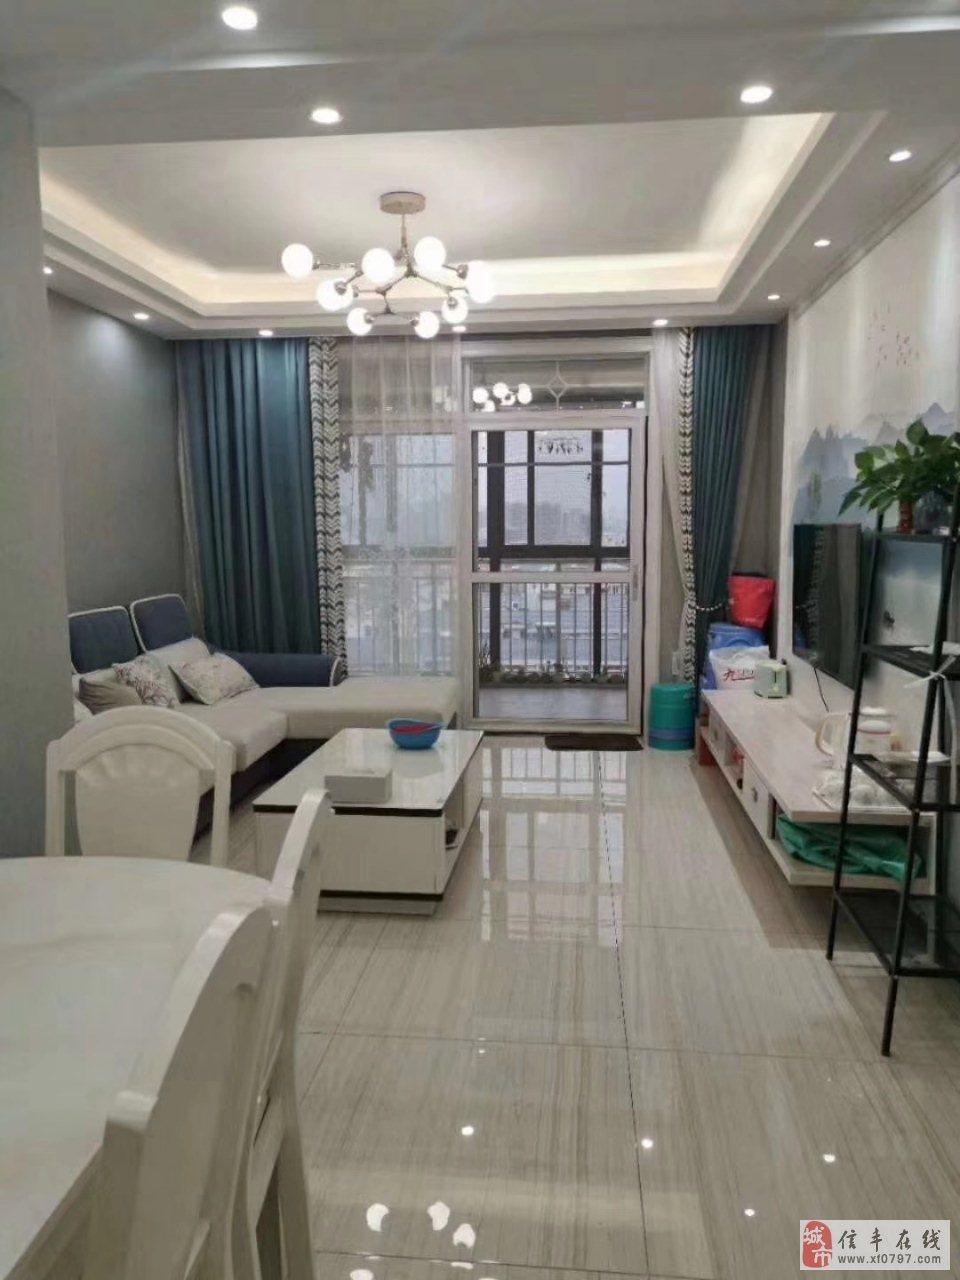 信丰七小学区房书香苑3房2厅全新装修未入住